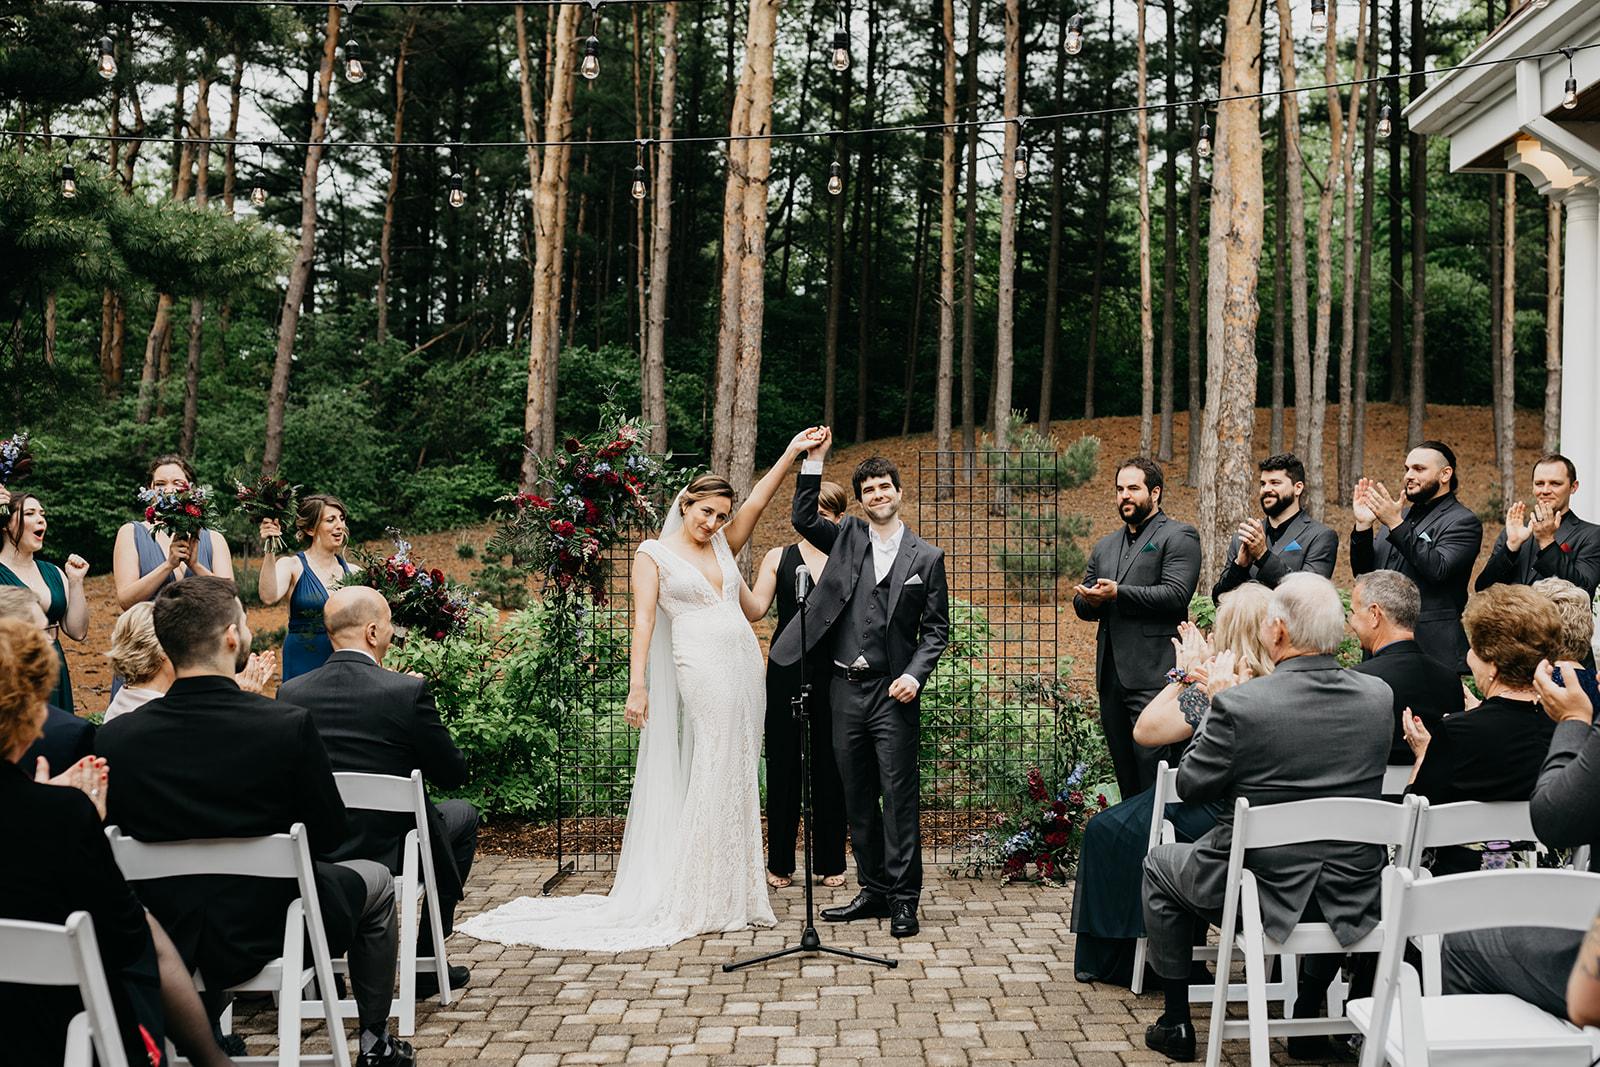 2019-06-01-00-Lindsey+Mat-06_Ceremony-meandhimphoto-0074-K5D44681.jpg